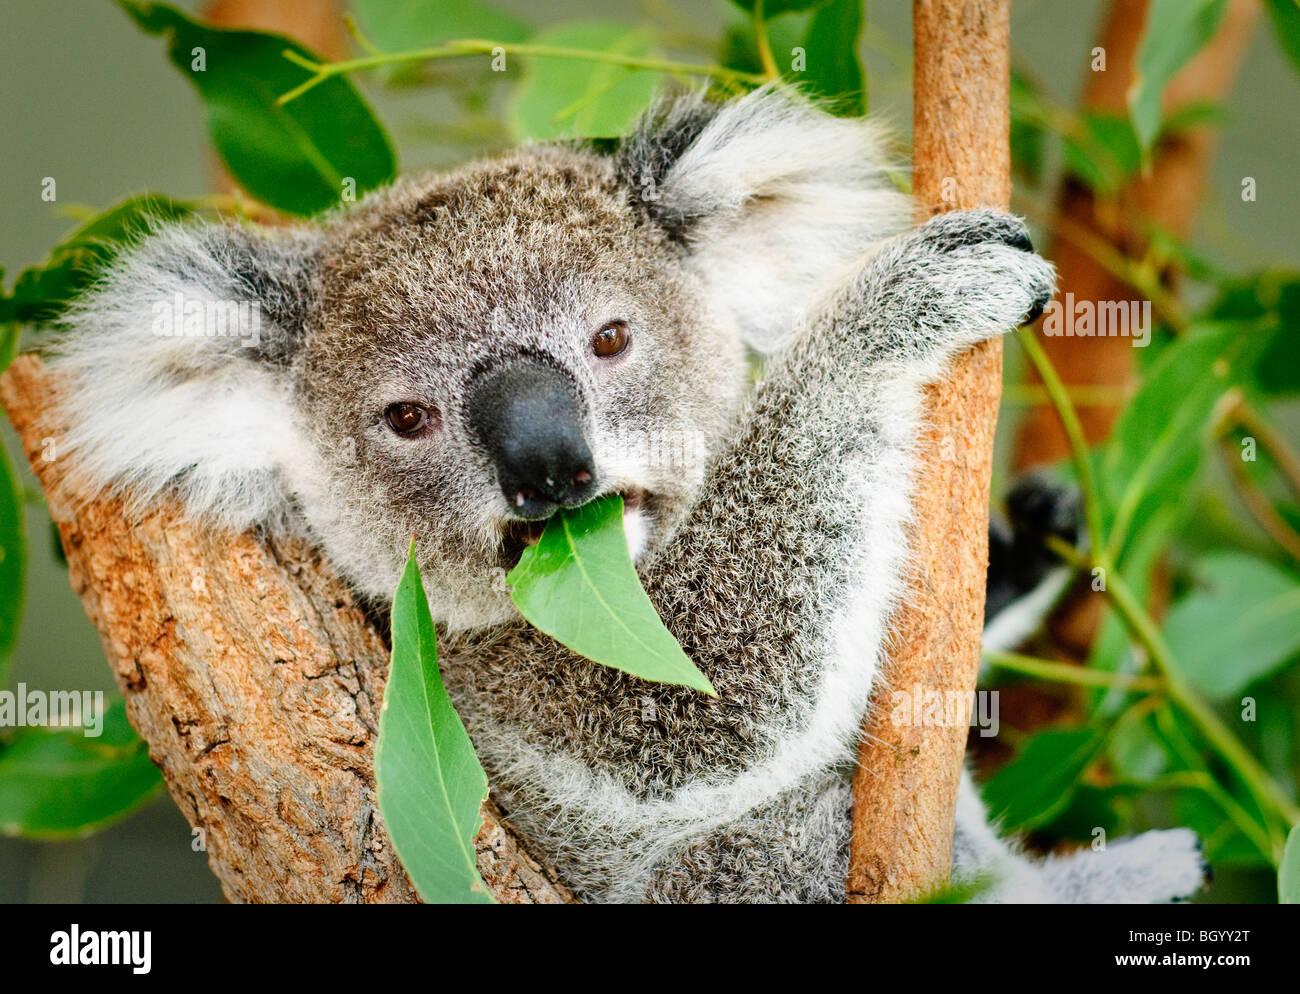 SYDNEY, Australie - SYDNEY, AUSTRALIE - un koala assis dans un arbre, manger une feuille de gomme et de regarder Photo Stock